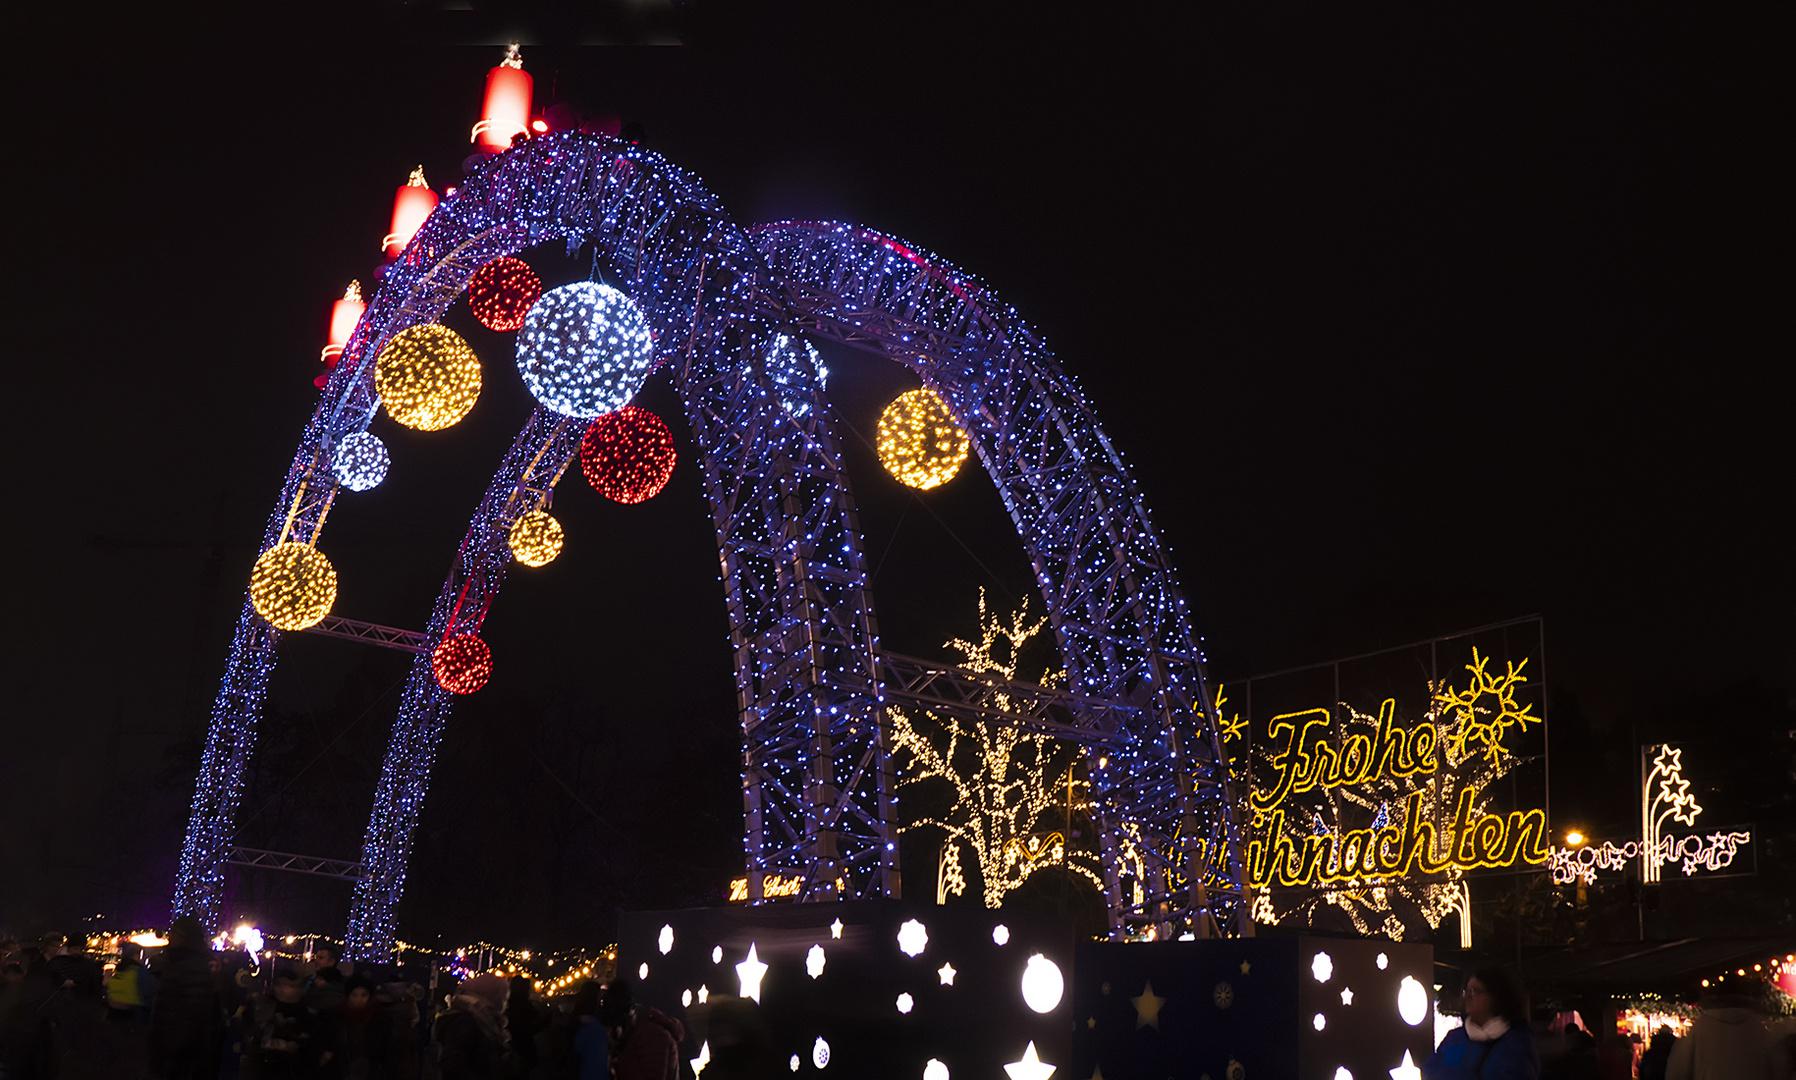 Frohe Weihnachten An Freunde.Frohe Weihnachten Freunde Foto Bild Gratulation Und Feiertage